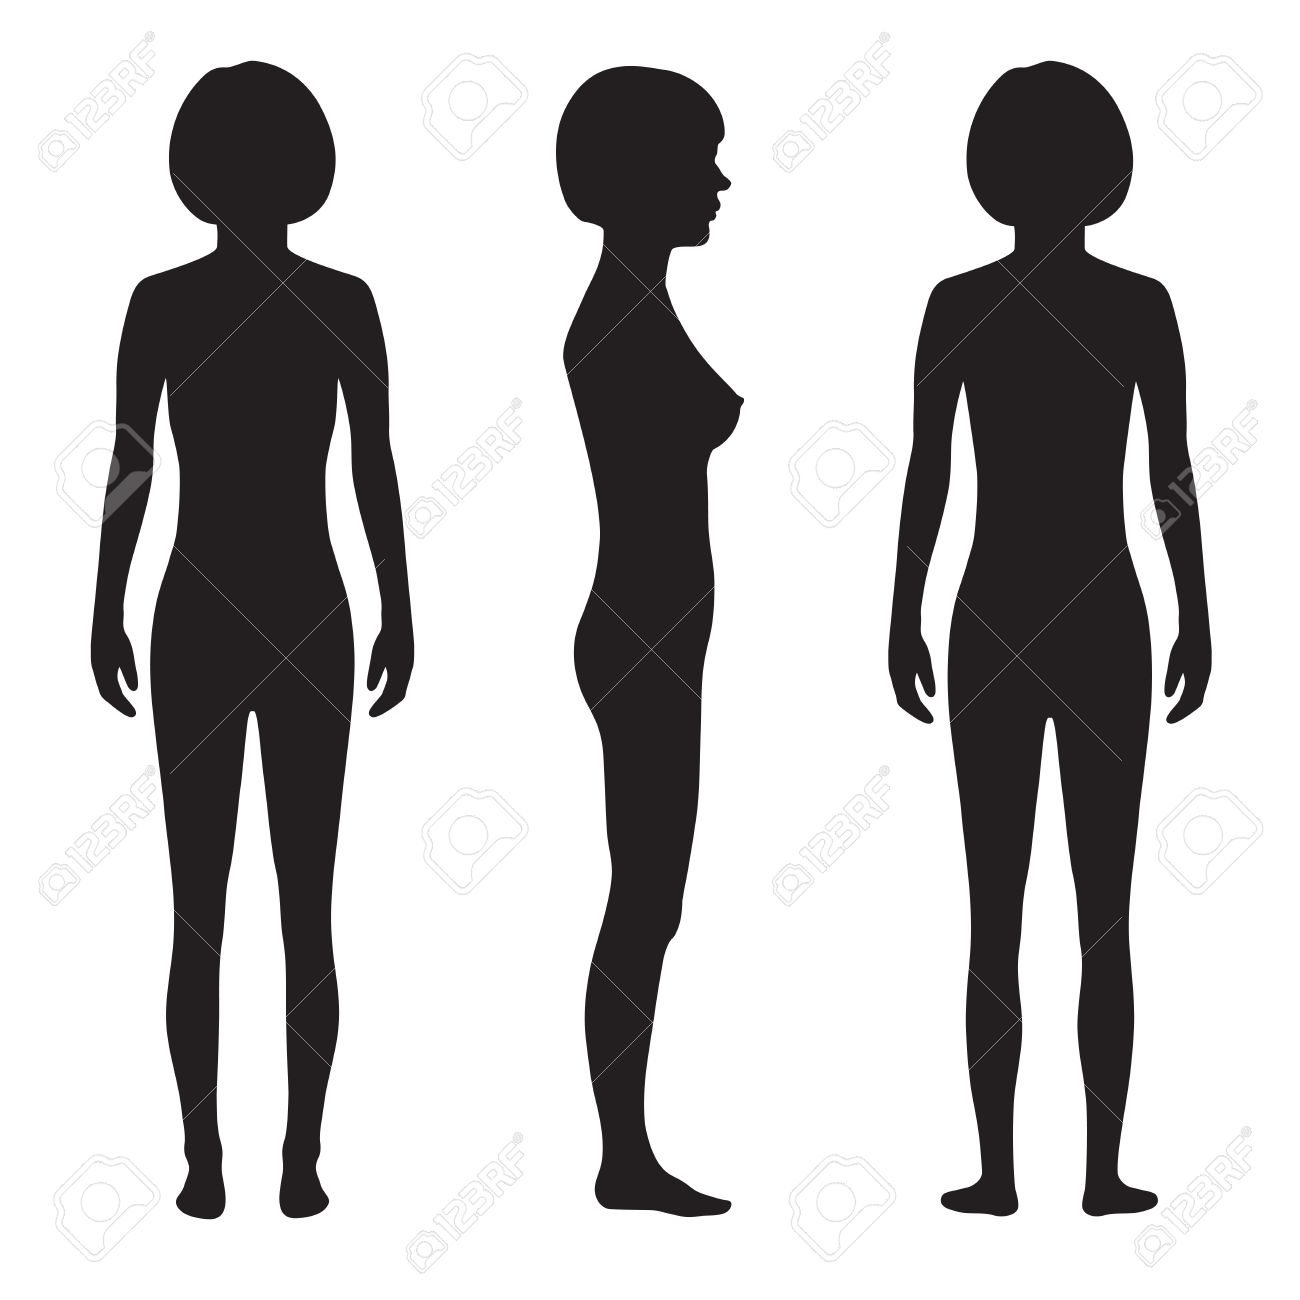 La Anatomía Del Cuerpo Humano, Frente, Dorso, Vector Silueta De La ...